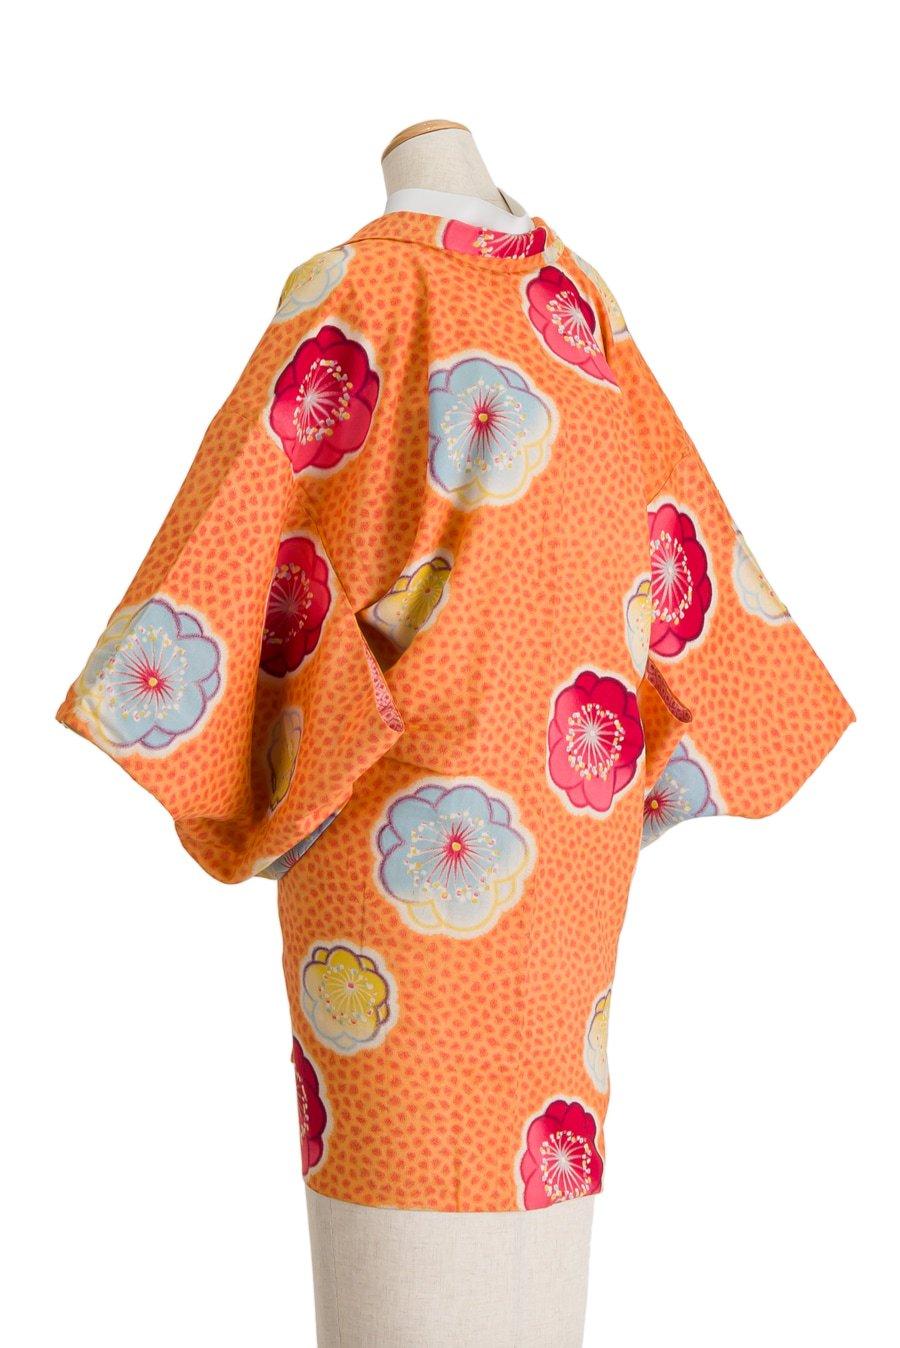 「アンティーク着物 八重梅」の商品画像